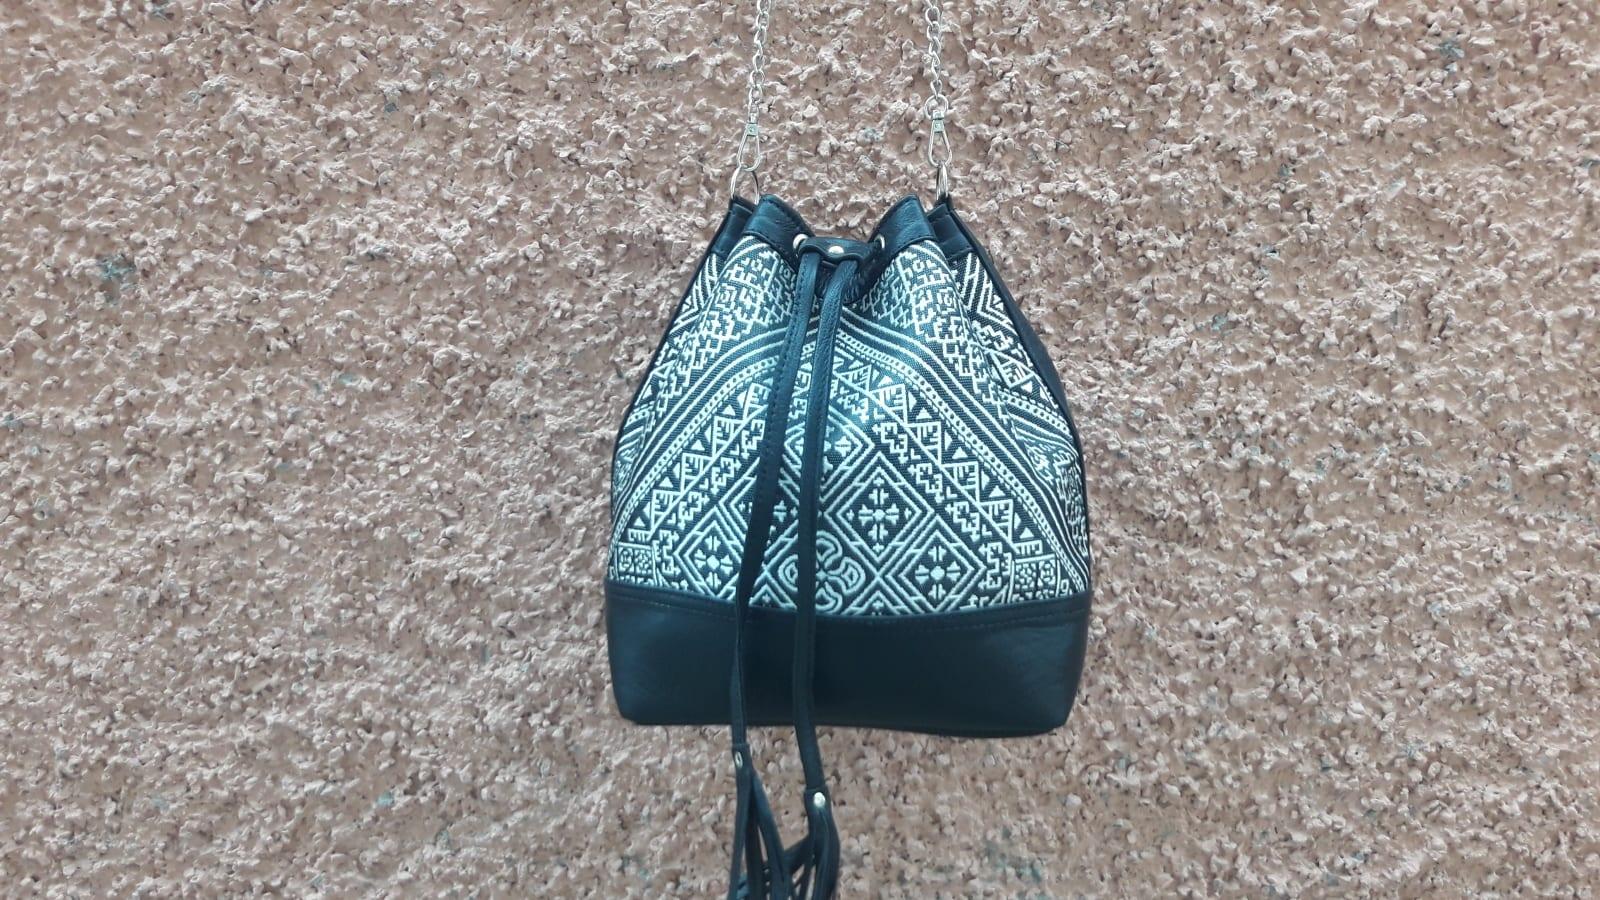 bag leather and Sabra silk Black, White Morocco